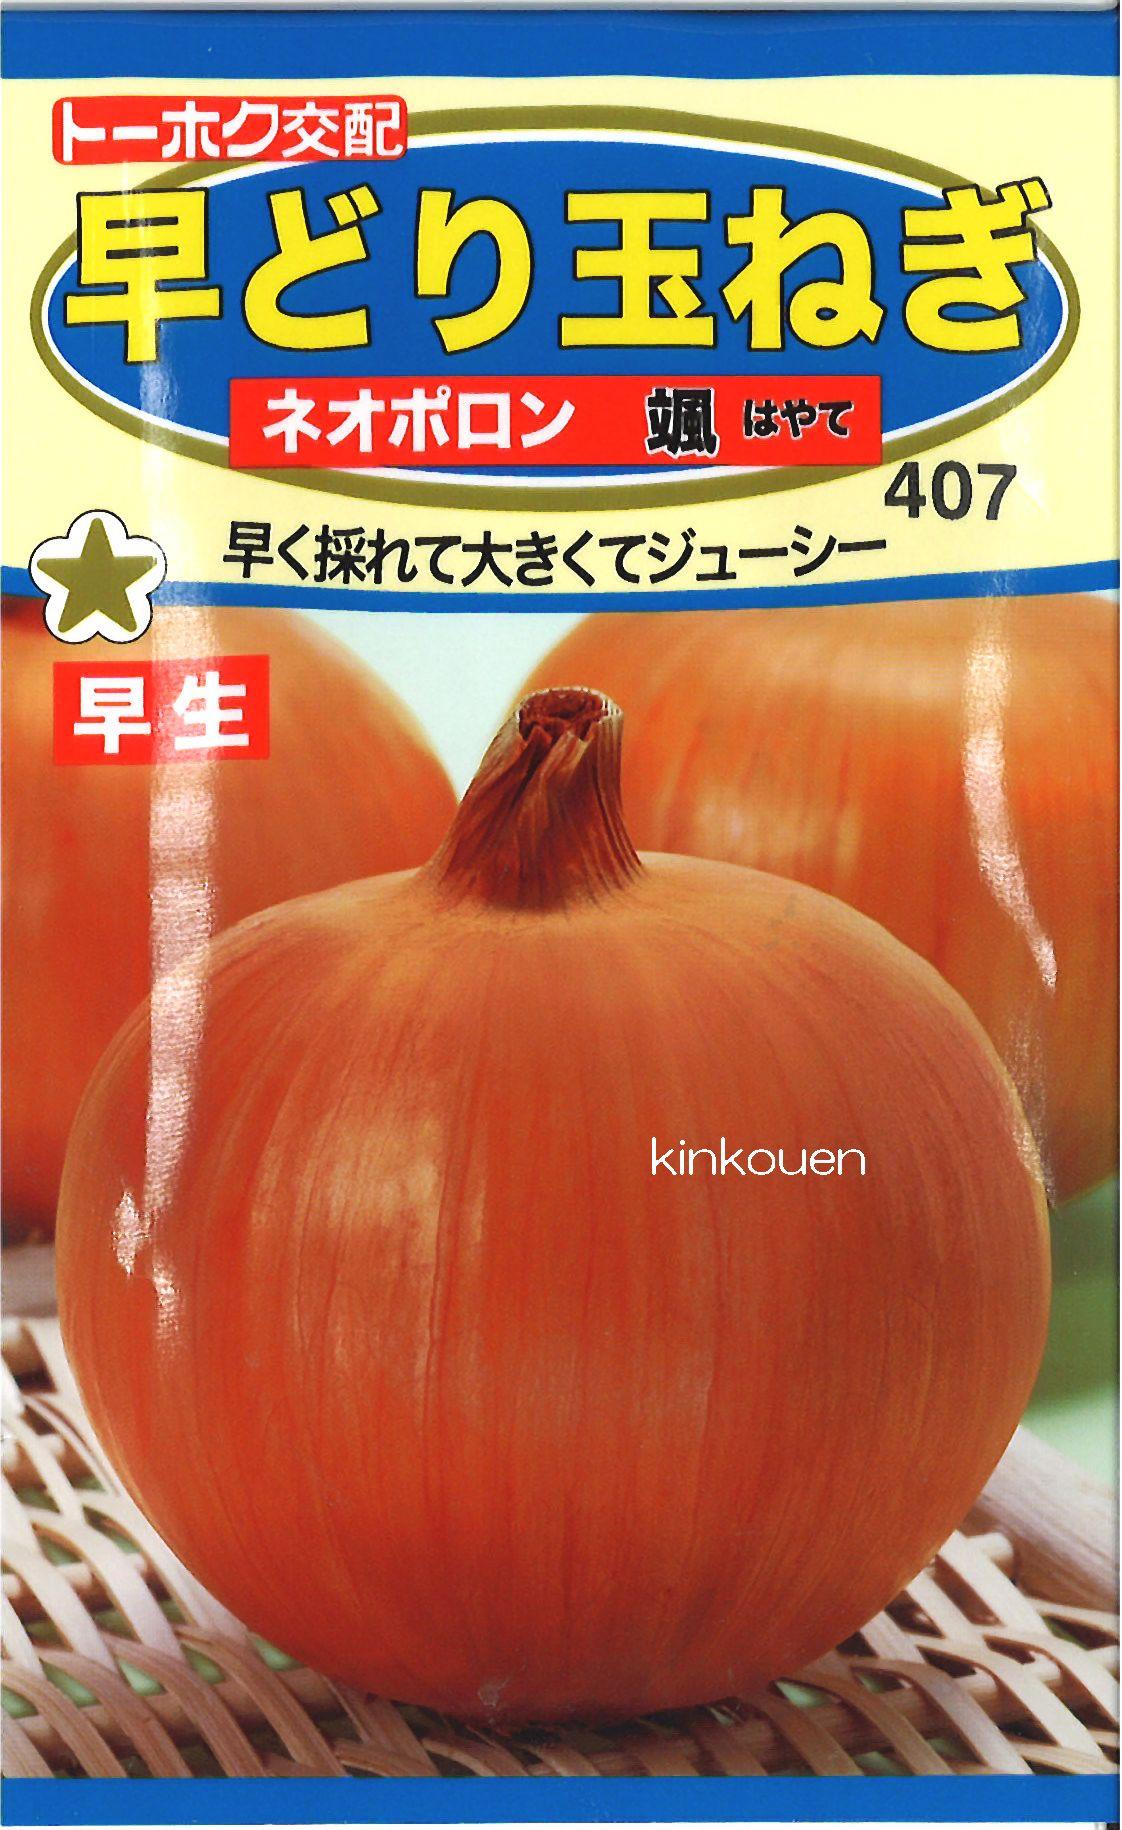 【代引不可】【5袋まで送料80円】□早どり玉ねぎネオポロン颯